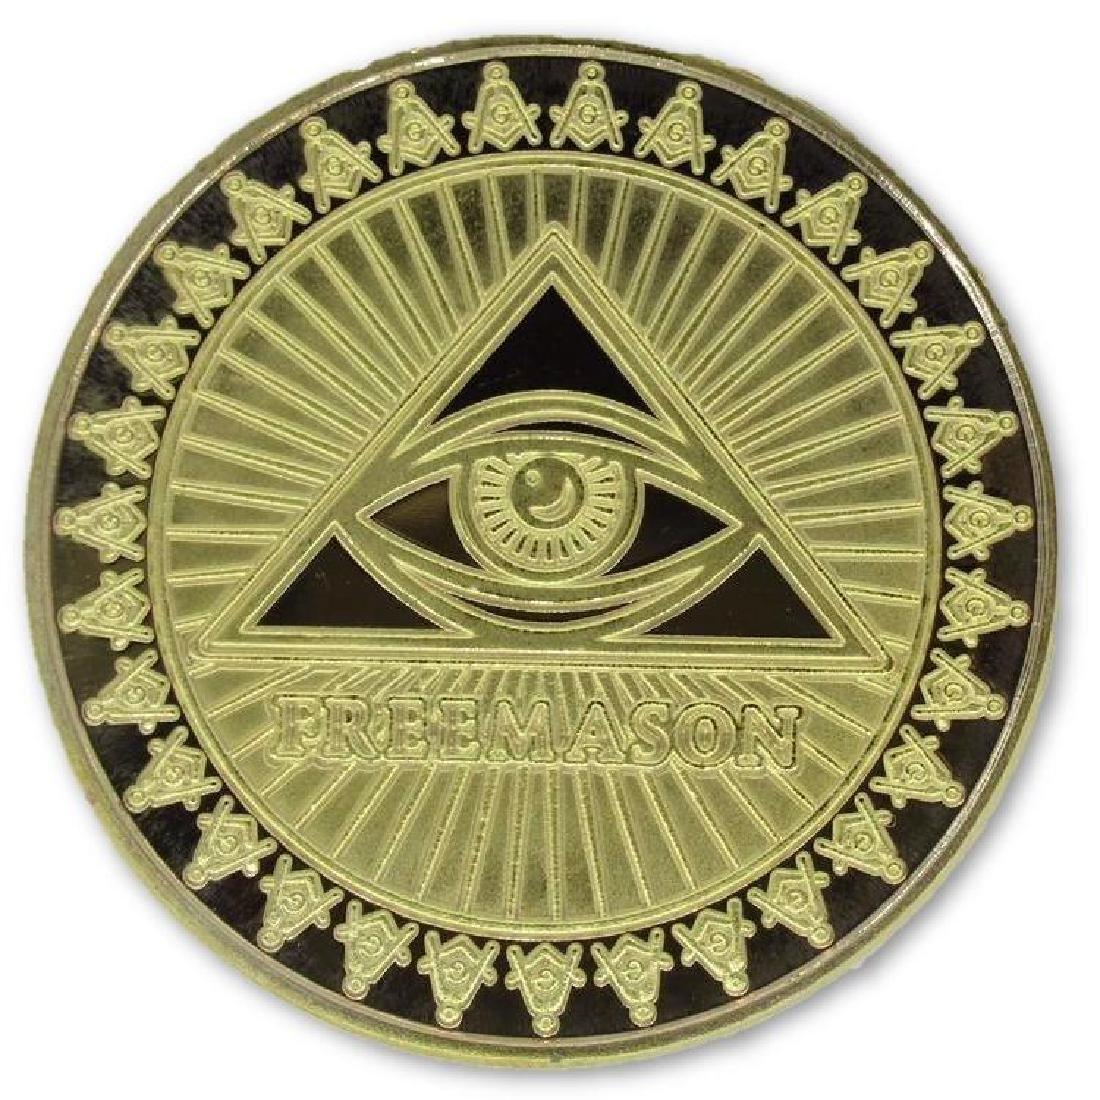 Freemason Gold Clad Collectible Token Coin